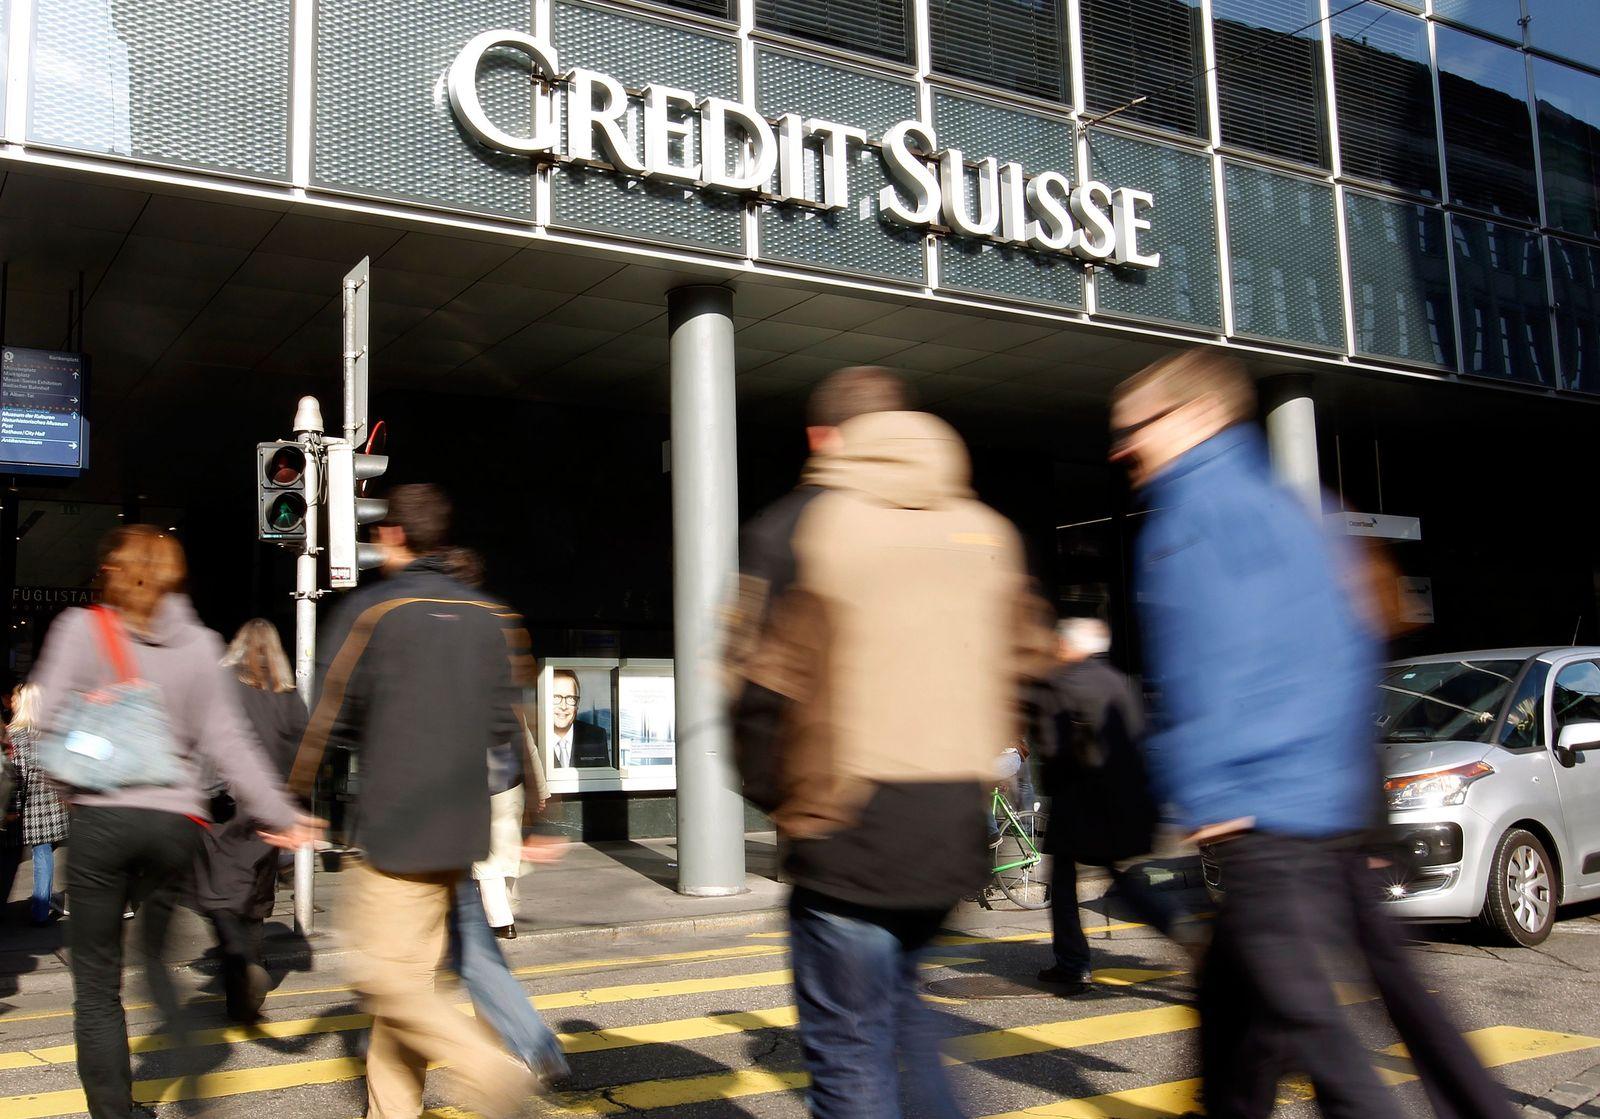 Credit Suisse Basel